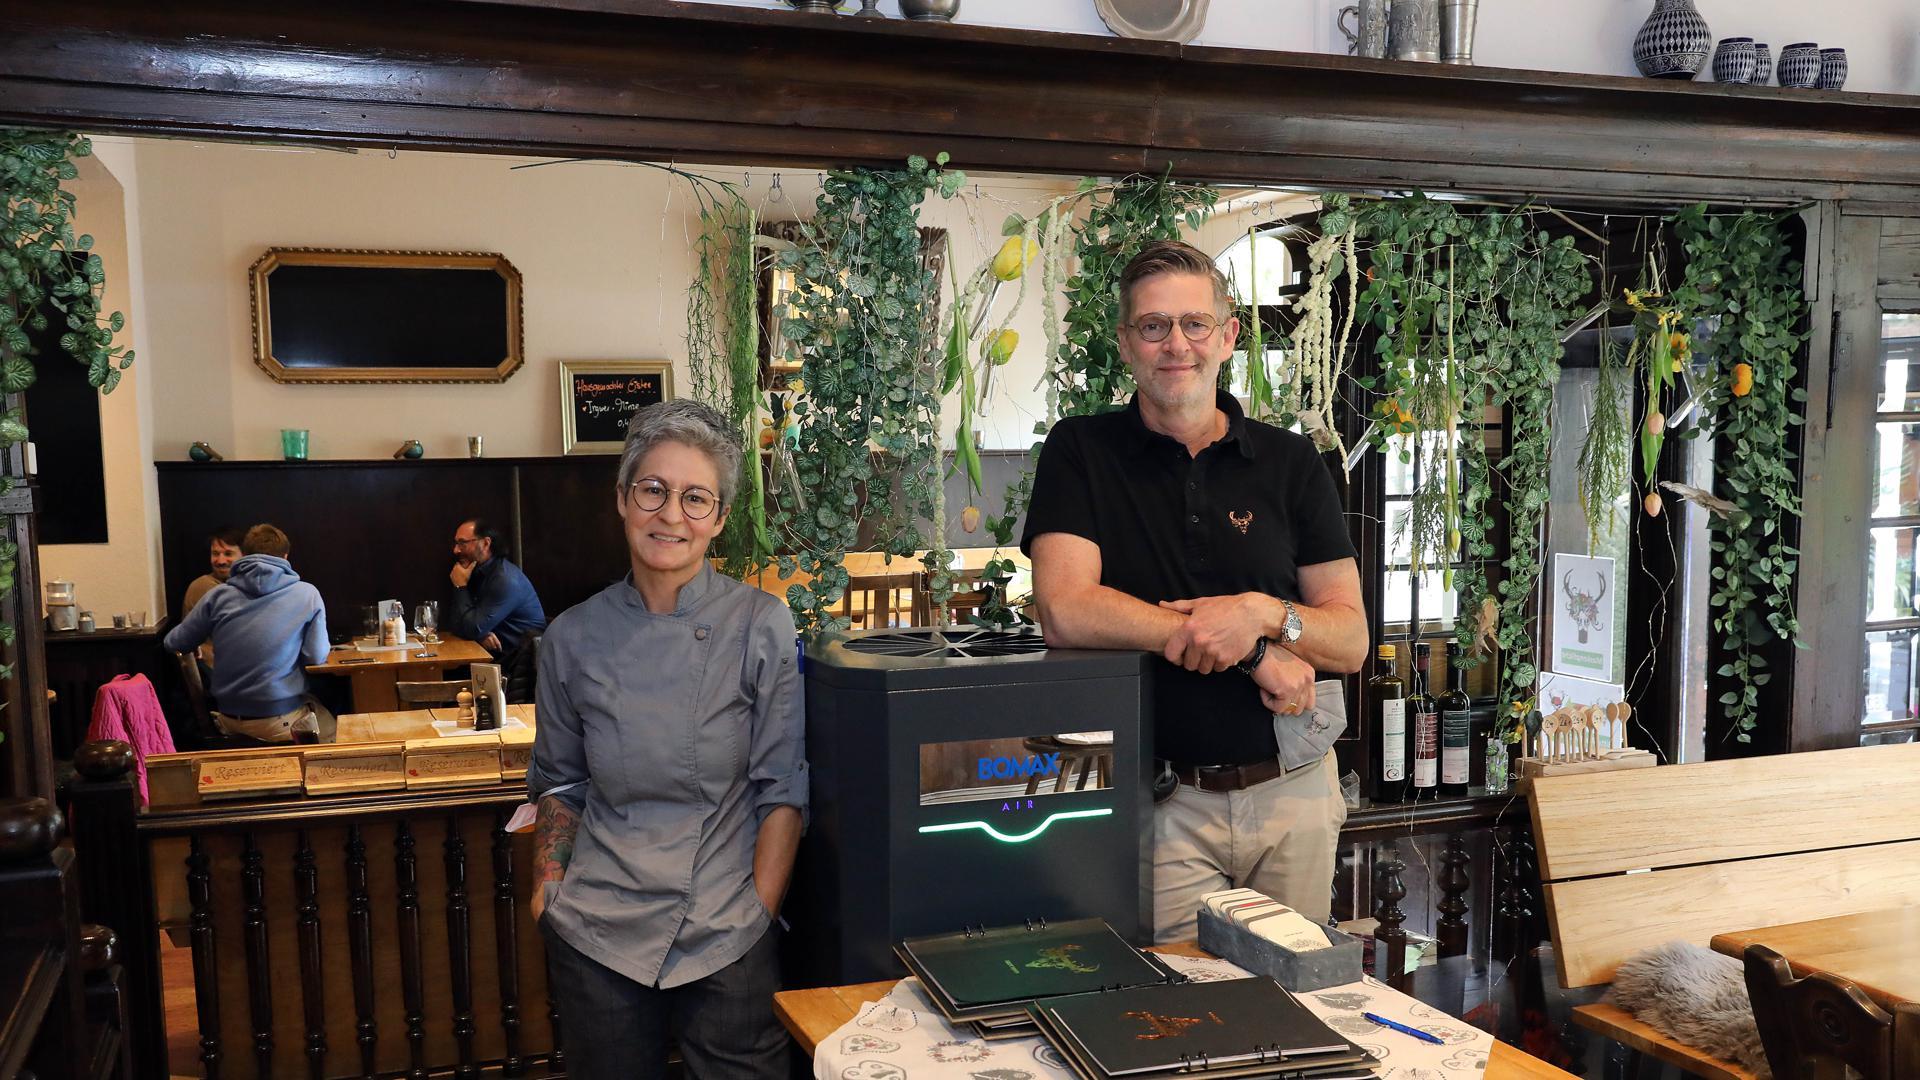 Denise Bender und Volker Rathert im Gasthaus Gutenberg neben einem Luftfilter.